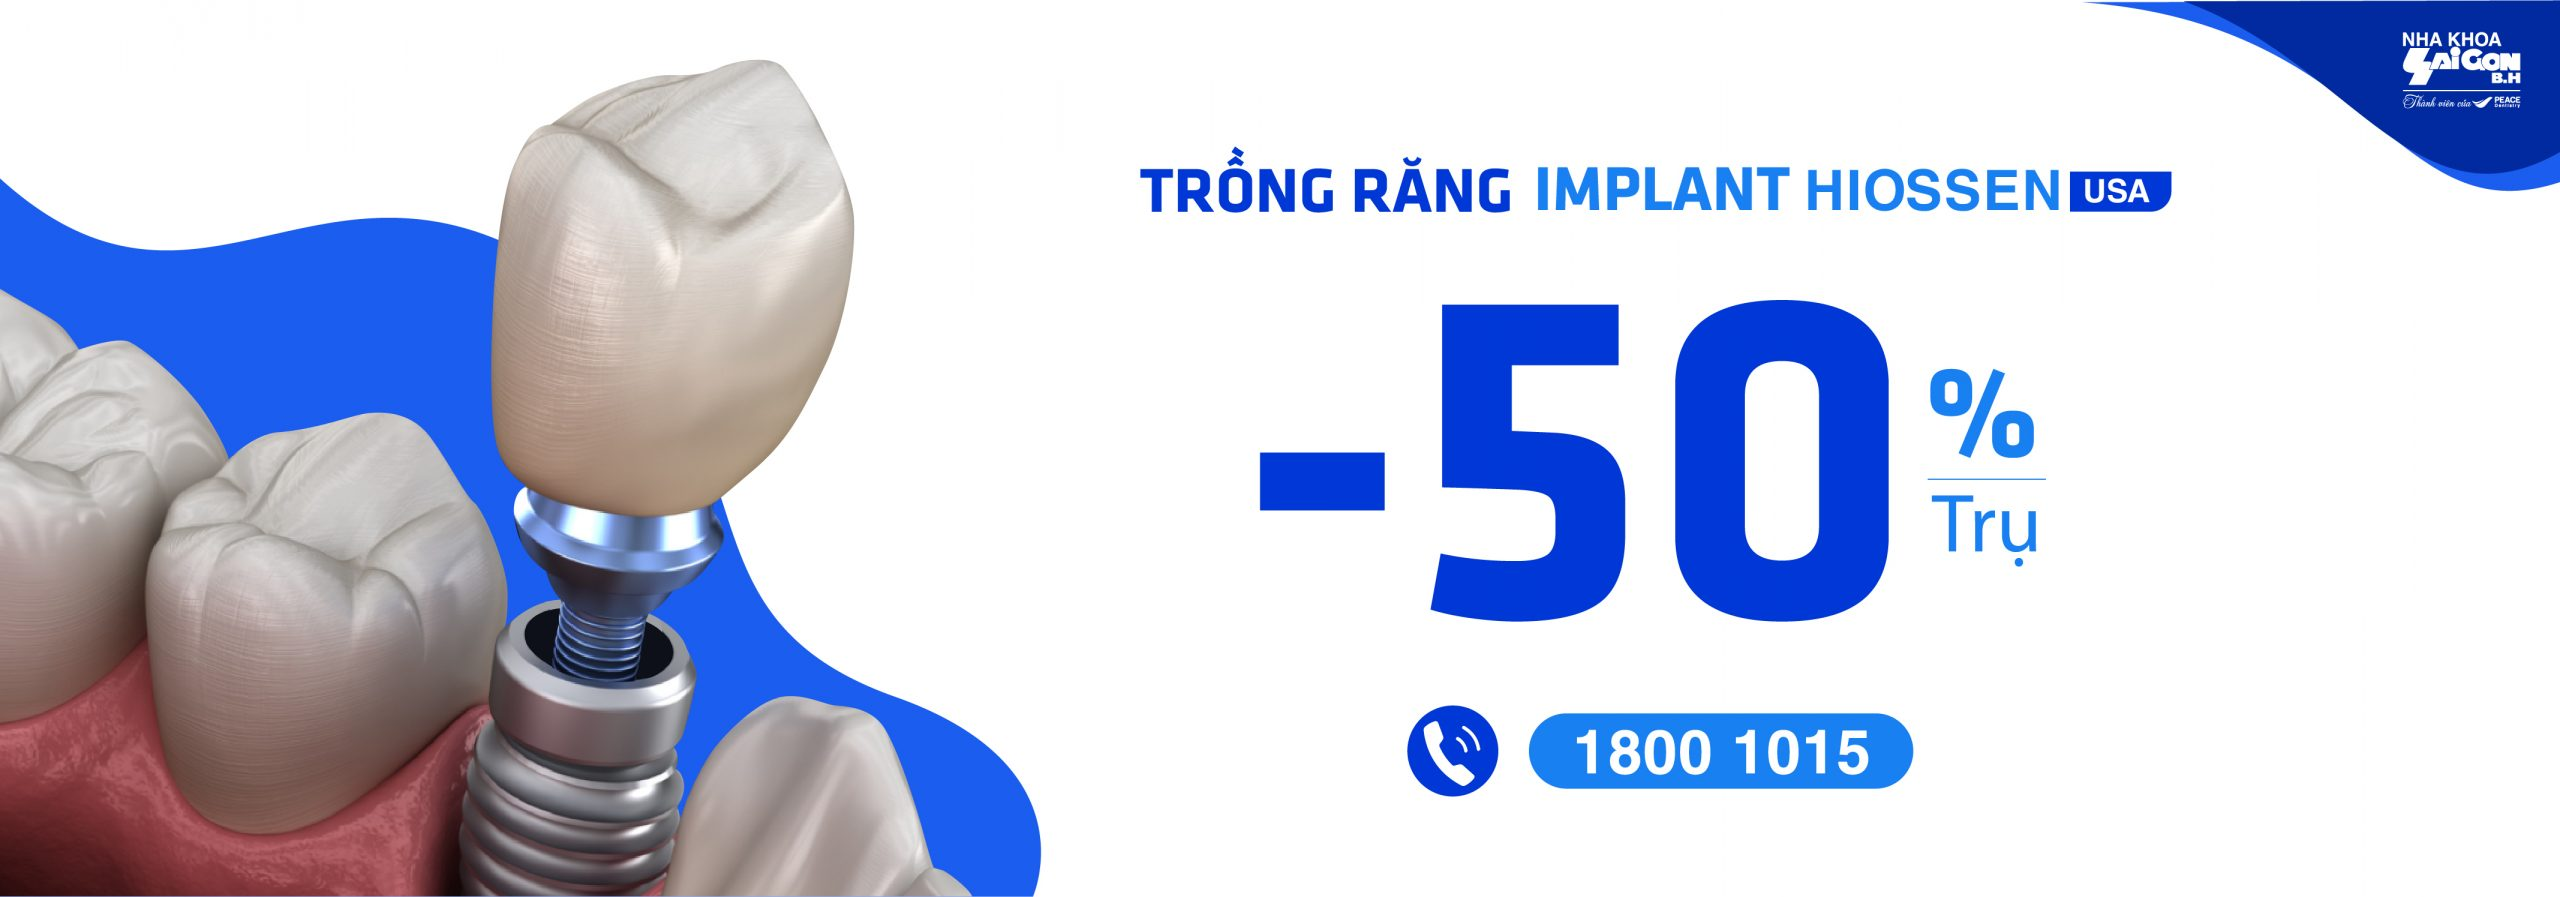 uu-dai-implant